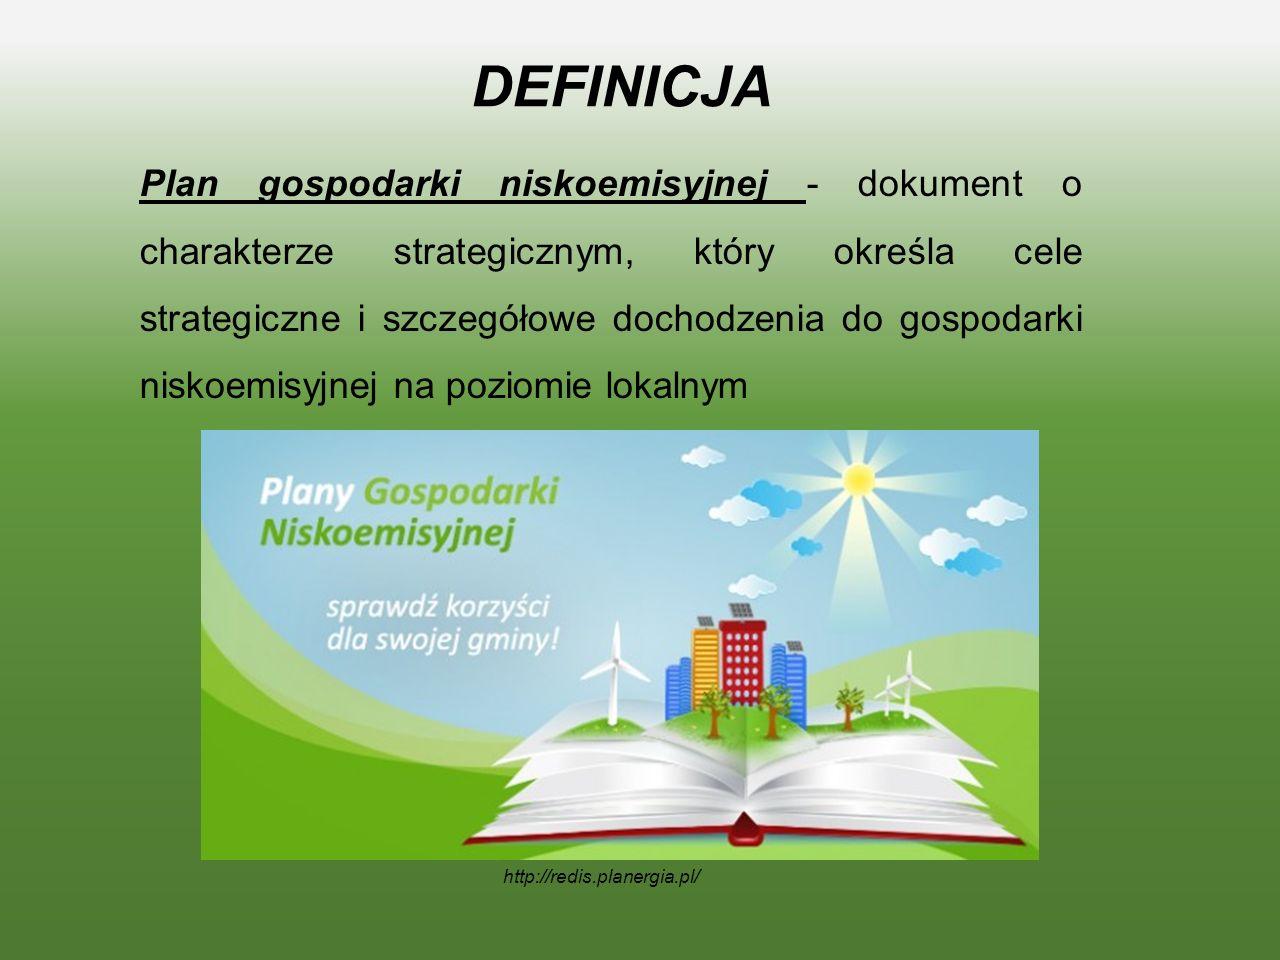 DEFINICJA Plan gospodarki niskoemisyjnej - dokument o charakterze strategicznym, który określa cele strategiczne i szczegółowe dochodzenia do gospodarki niskoemisyjnej na poziomie lokalnym http://redis.planergia.pl/